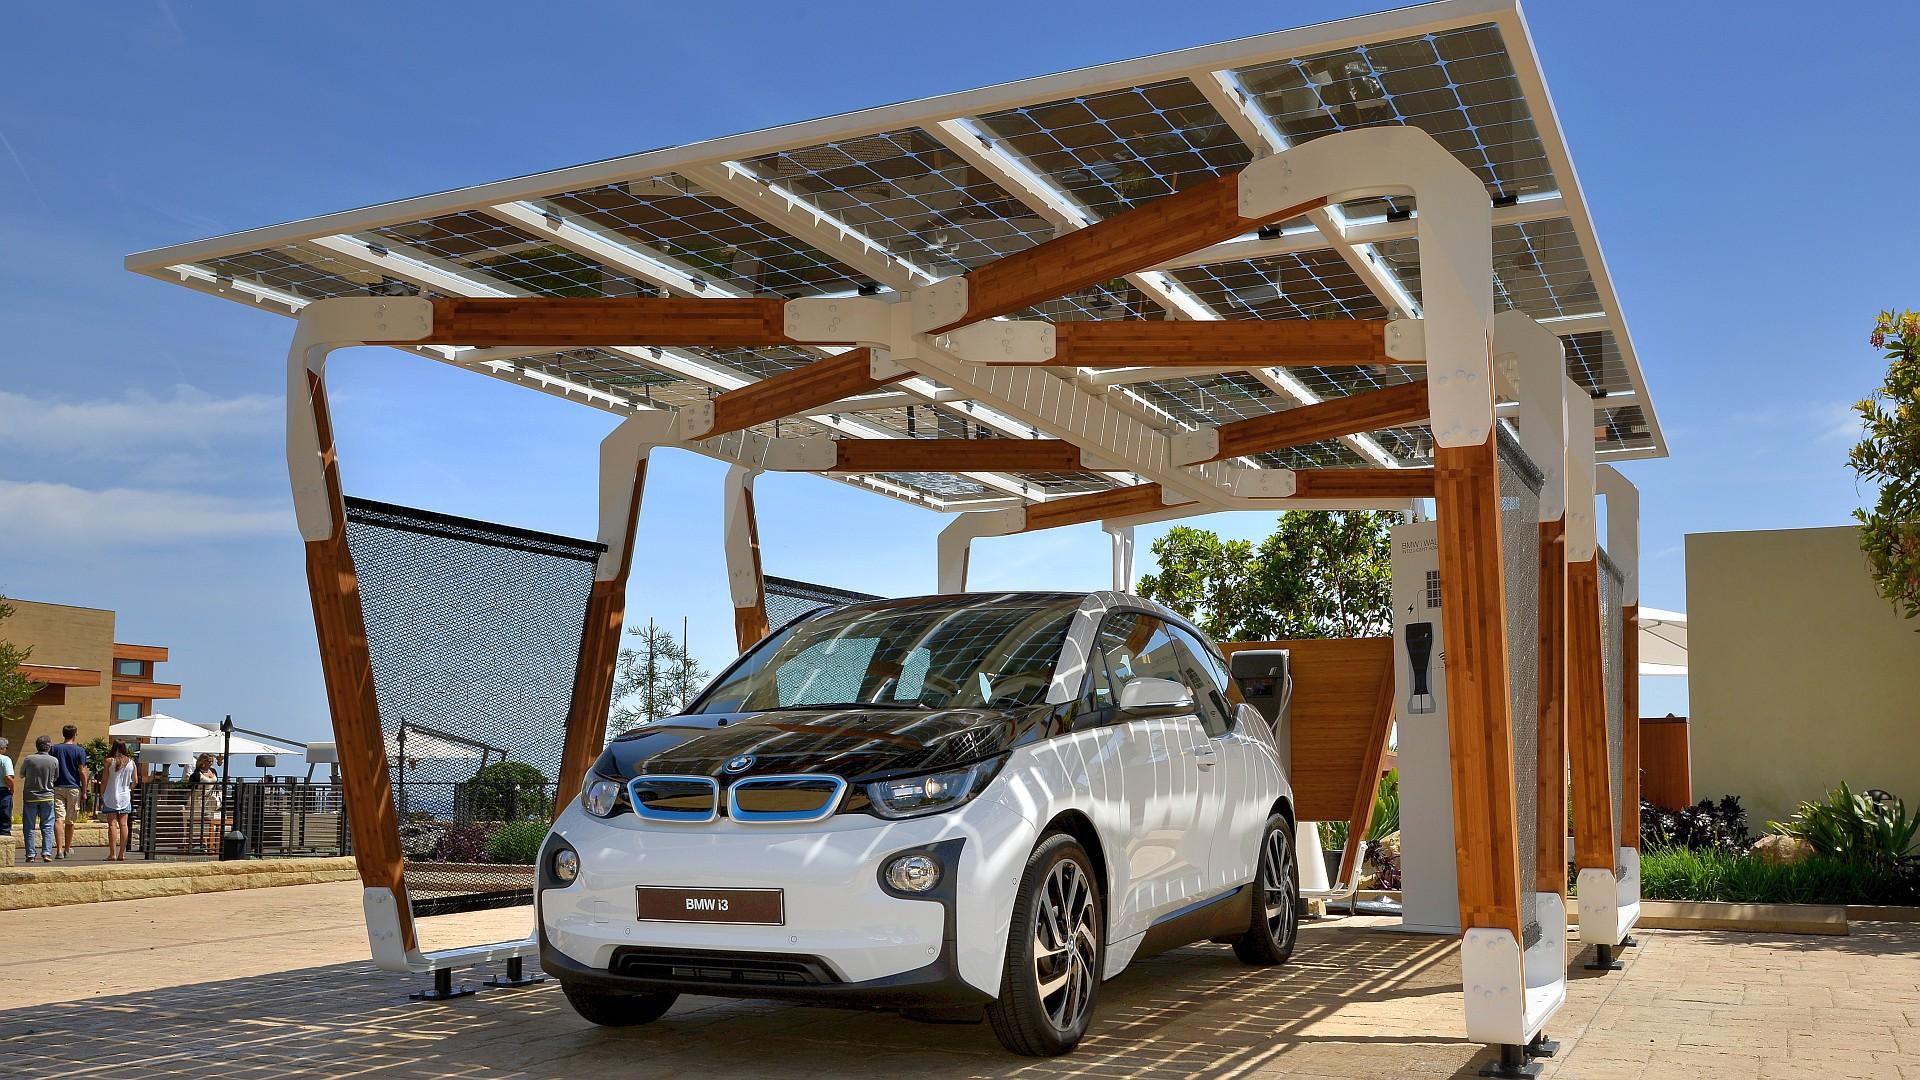 Mobilität der Zukunft: Woher kommt die Energie?